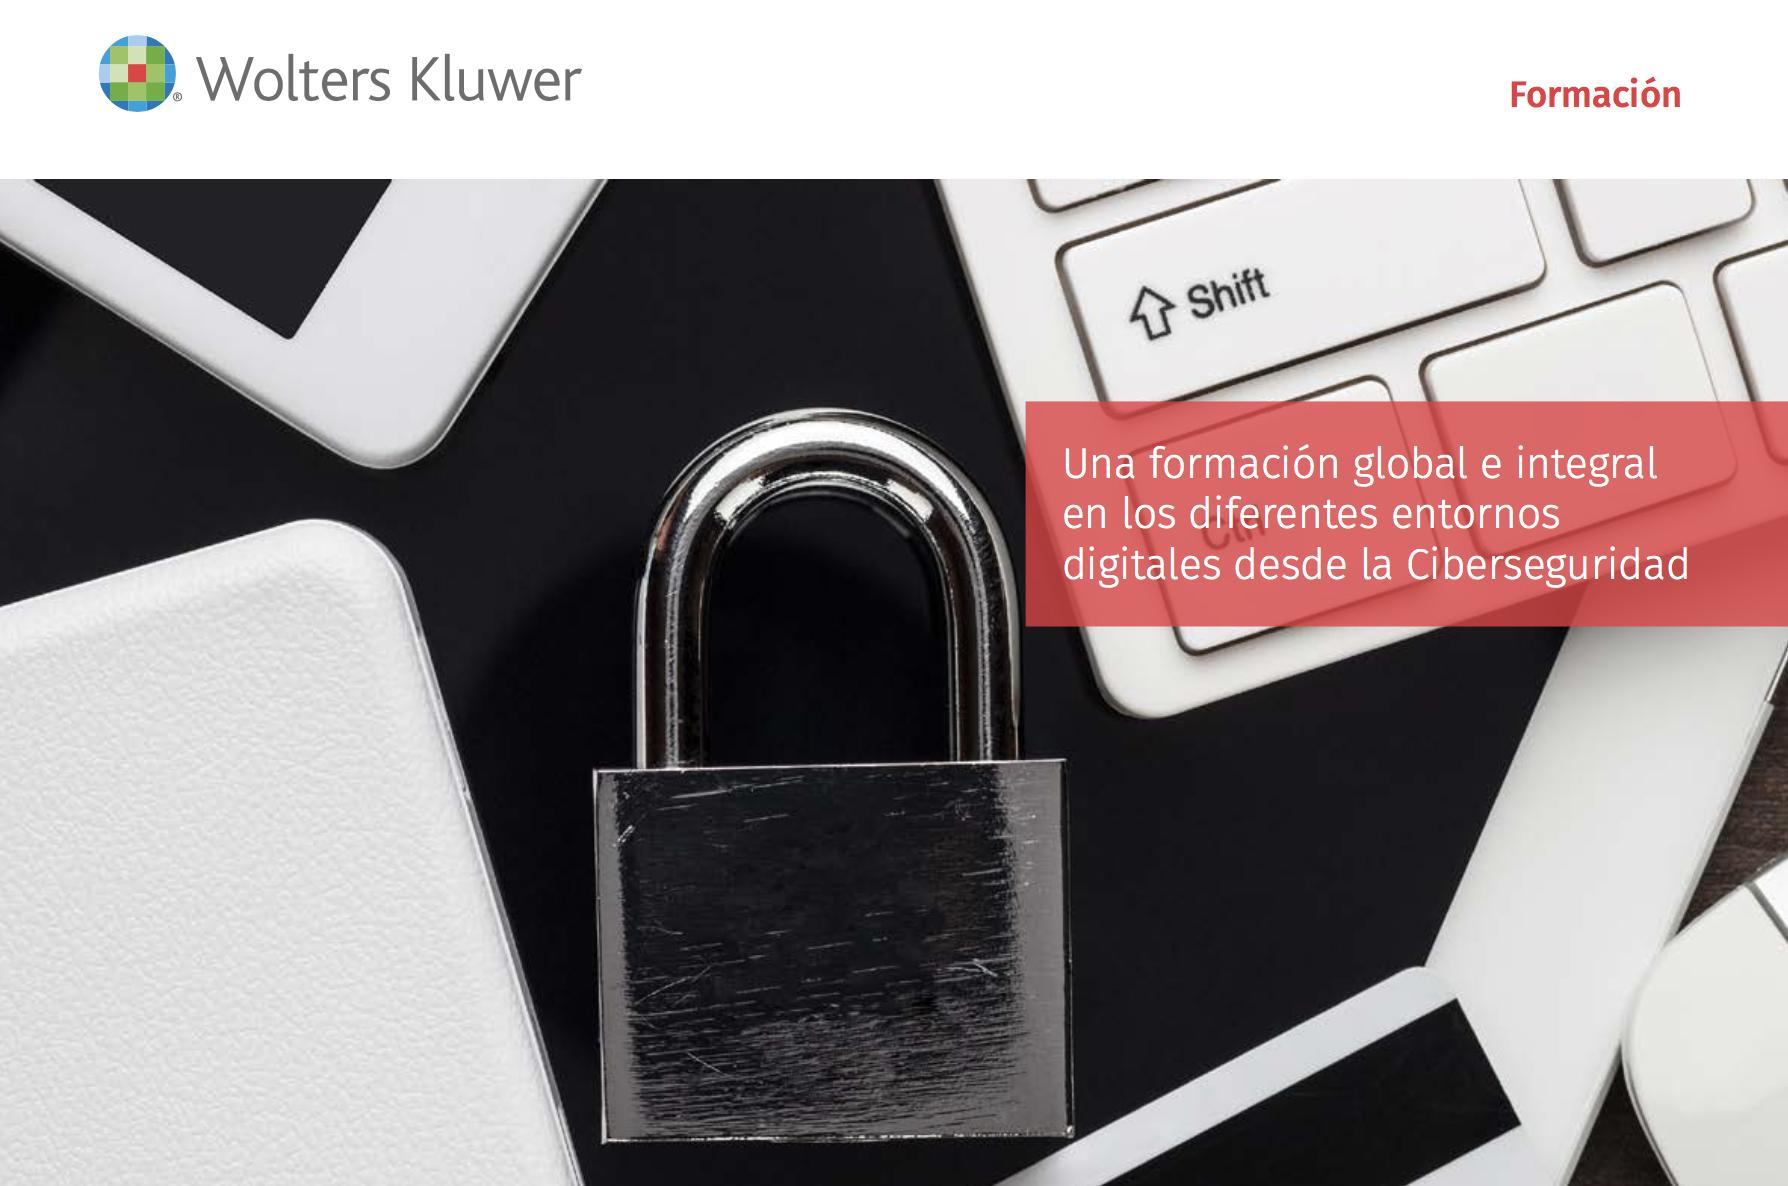 Ciberseguridad en los entornos digitales, por Wolters kluwer y  Ciberderecho